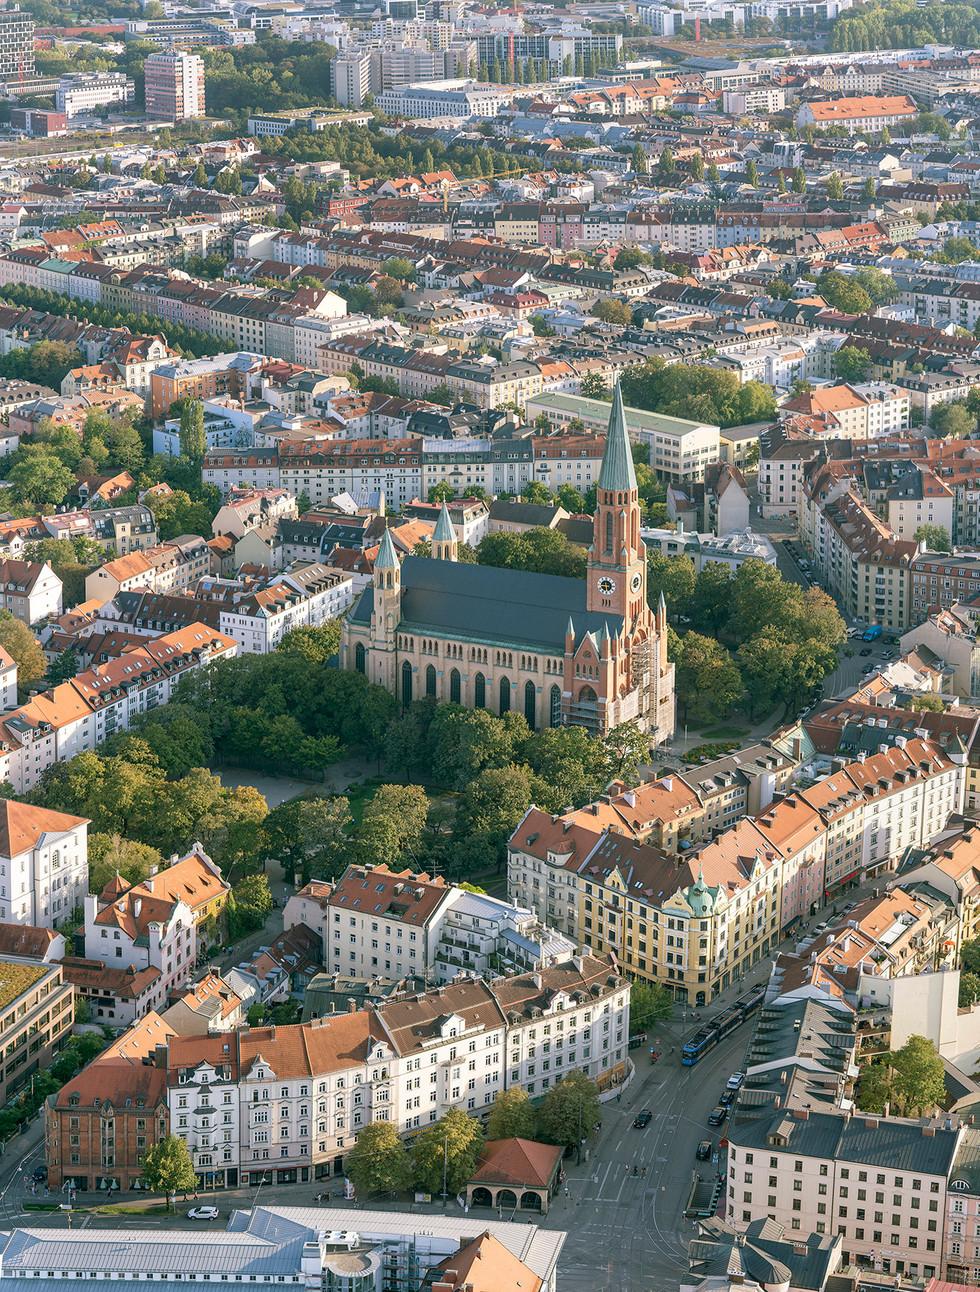 Max-Weber-Platz, Johannisplatz, Haidhausen